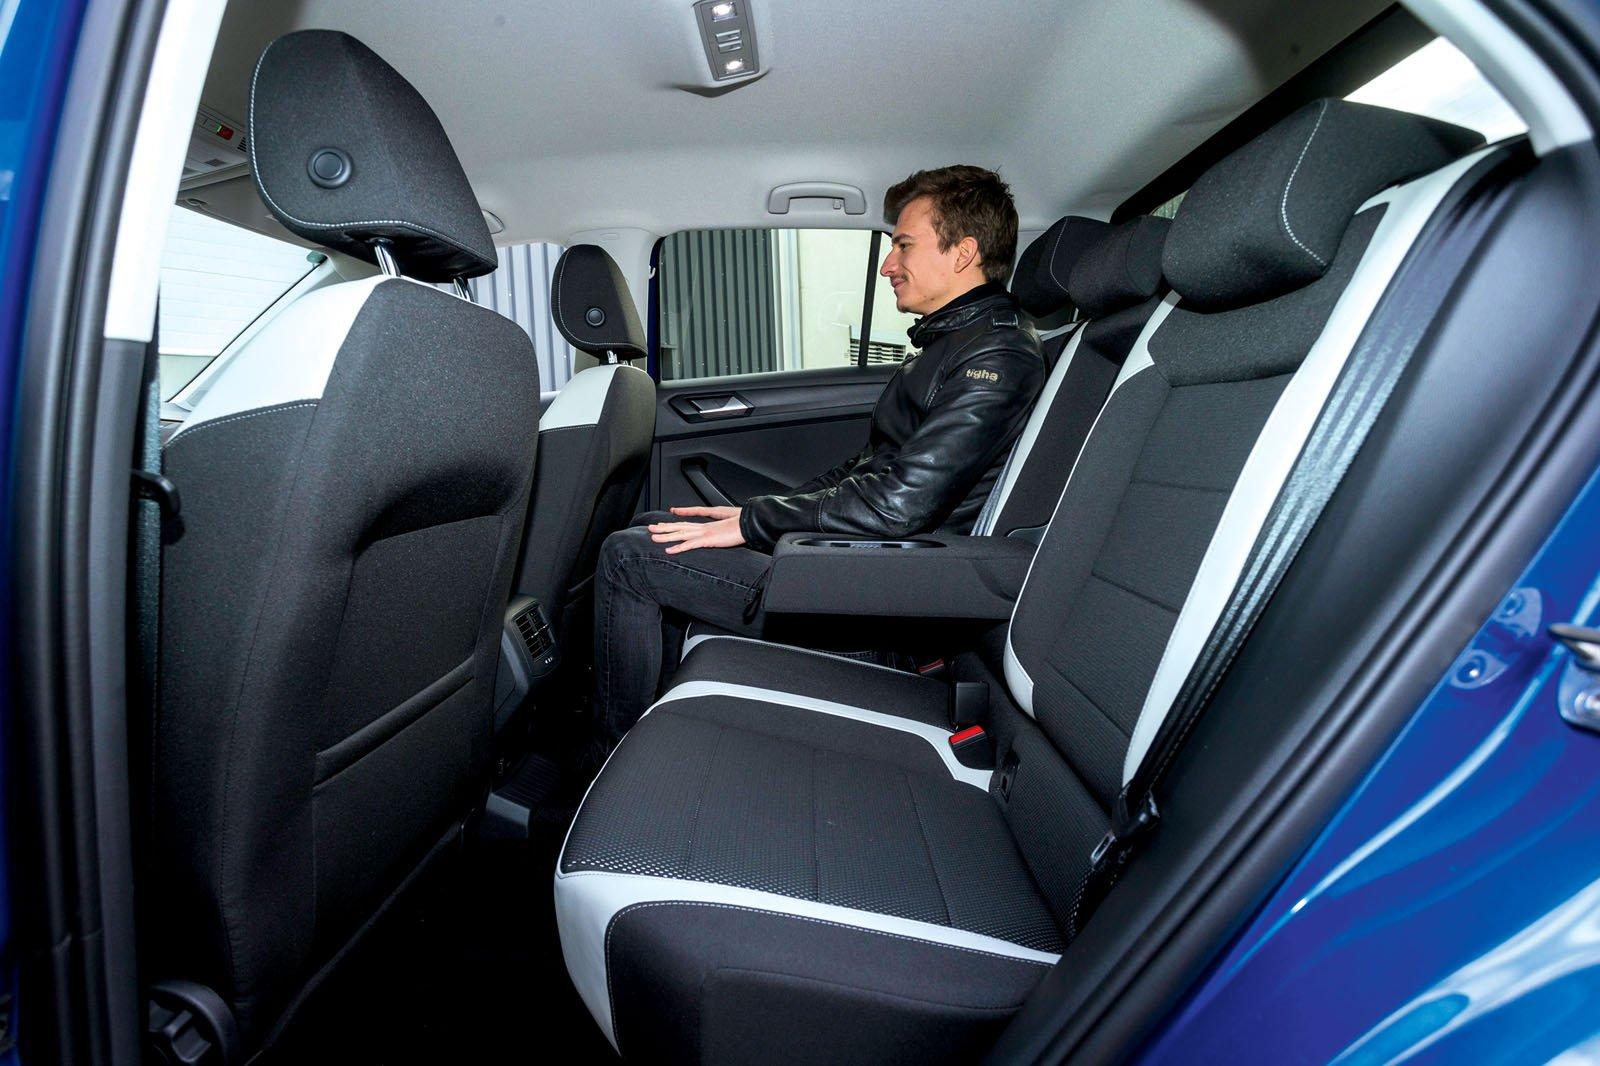 gro er test vw t roc 2 0 tdi 4motion dsg sport alles auto. Black Bedroom Furniture Sets. Home Design Ideas